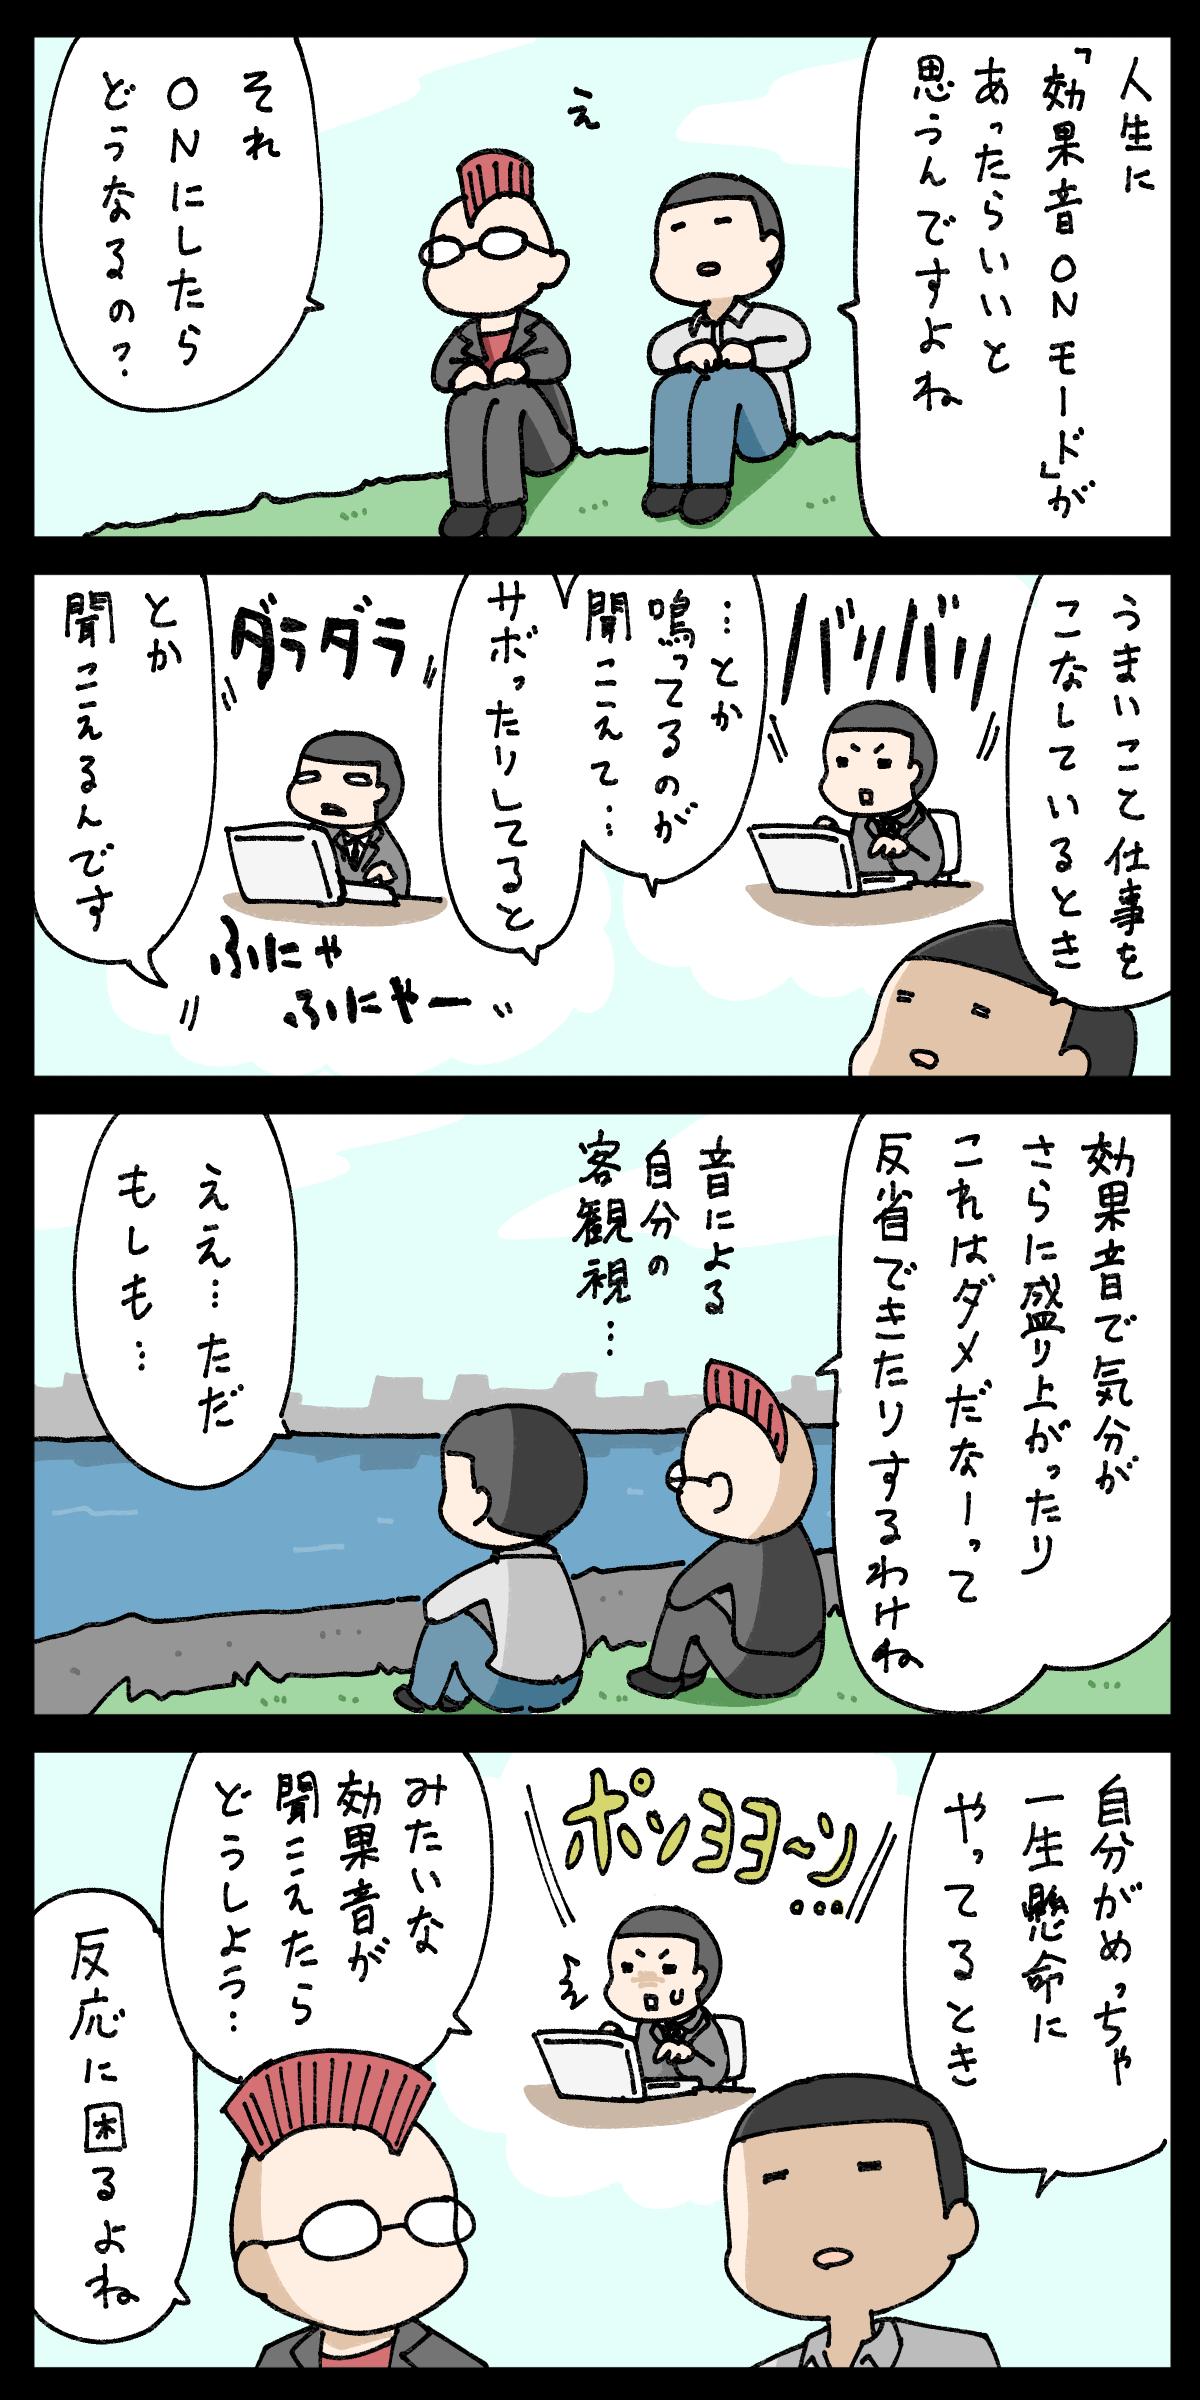 河川敷モヒカン_効果音